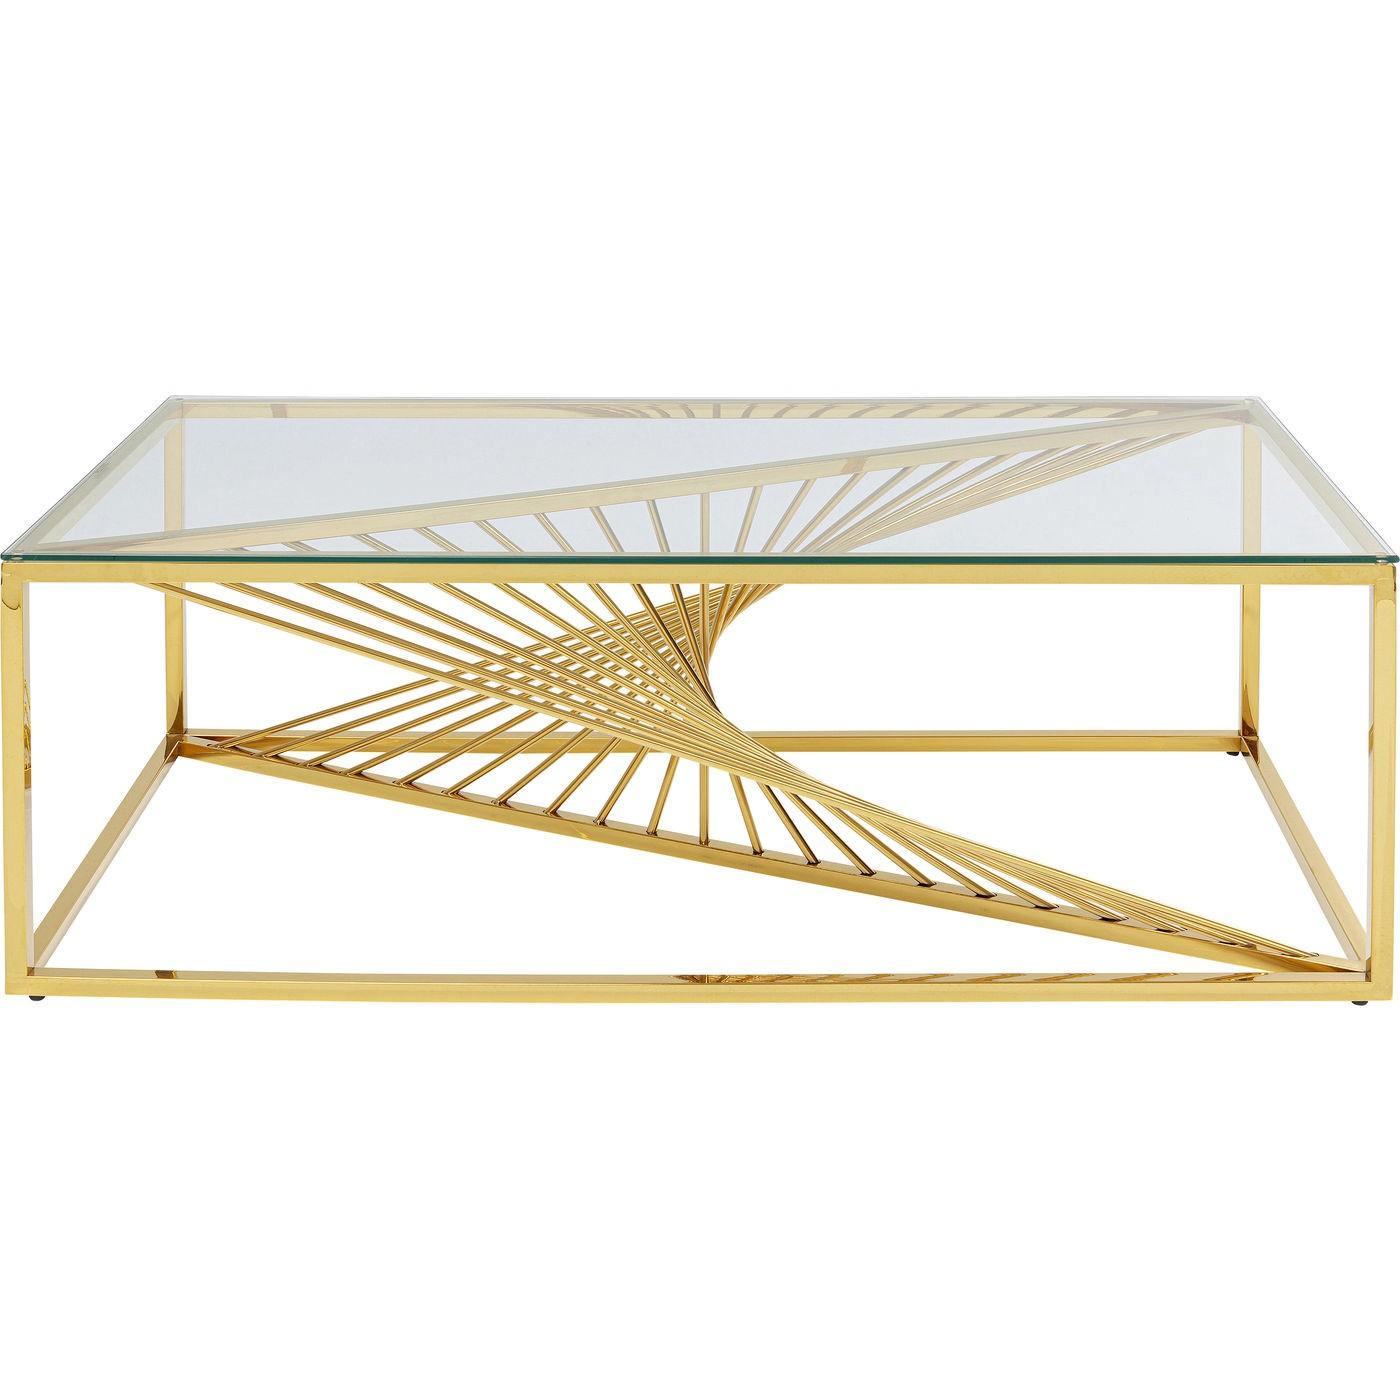 Table basse en verre et acier doré